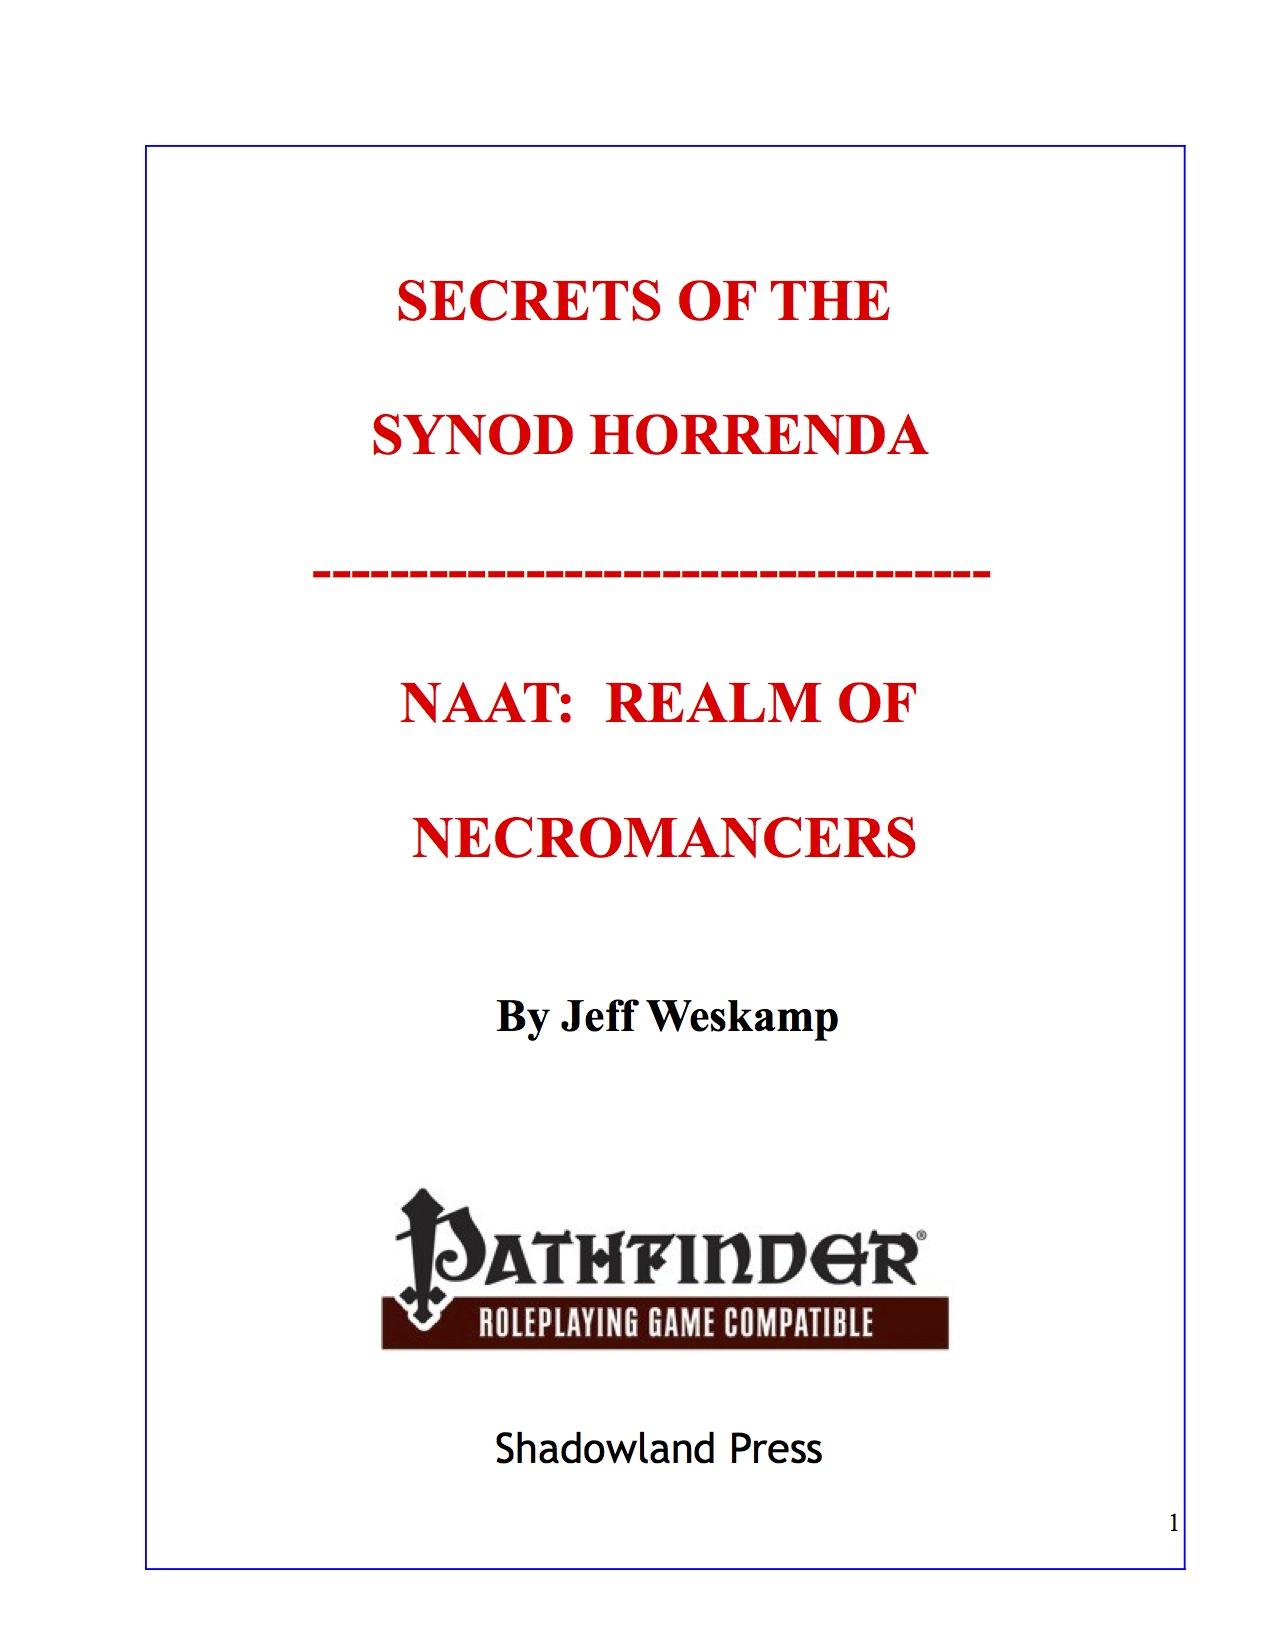 paizo com - Secrets of the Synod Horrenda: Naat, Realm of